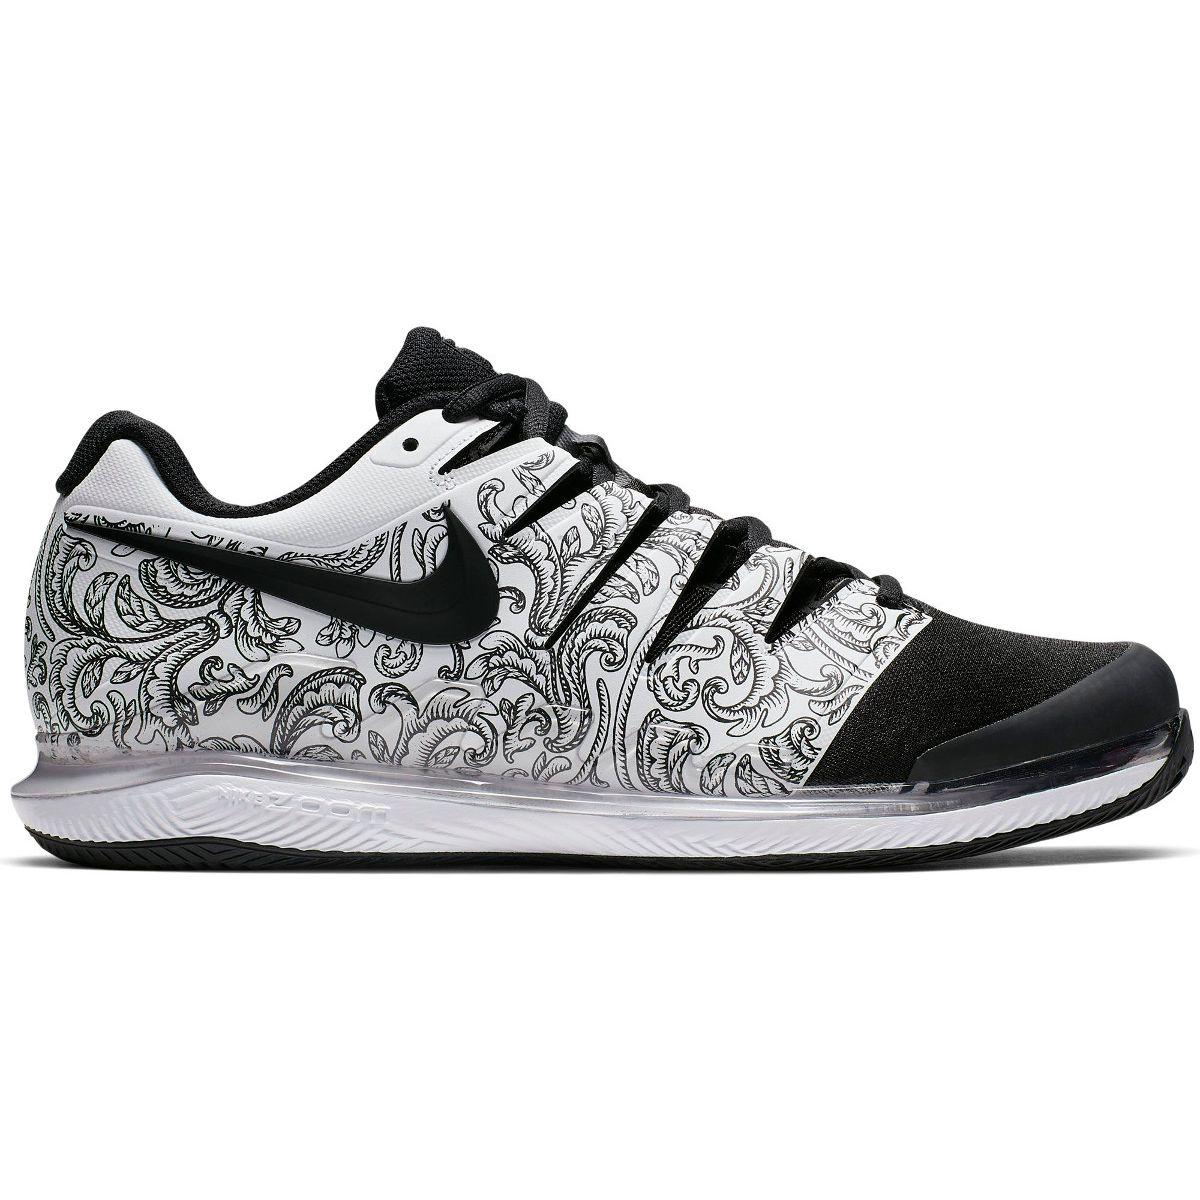 Nike Air Zoom Vapor X Clay Men's Tennis Shoes